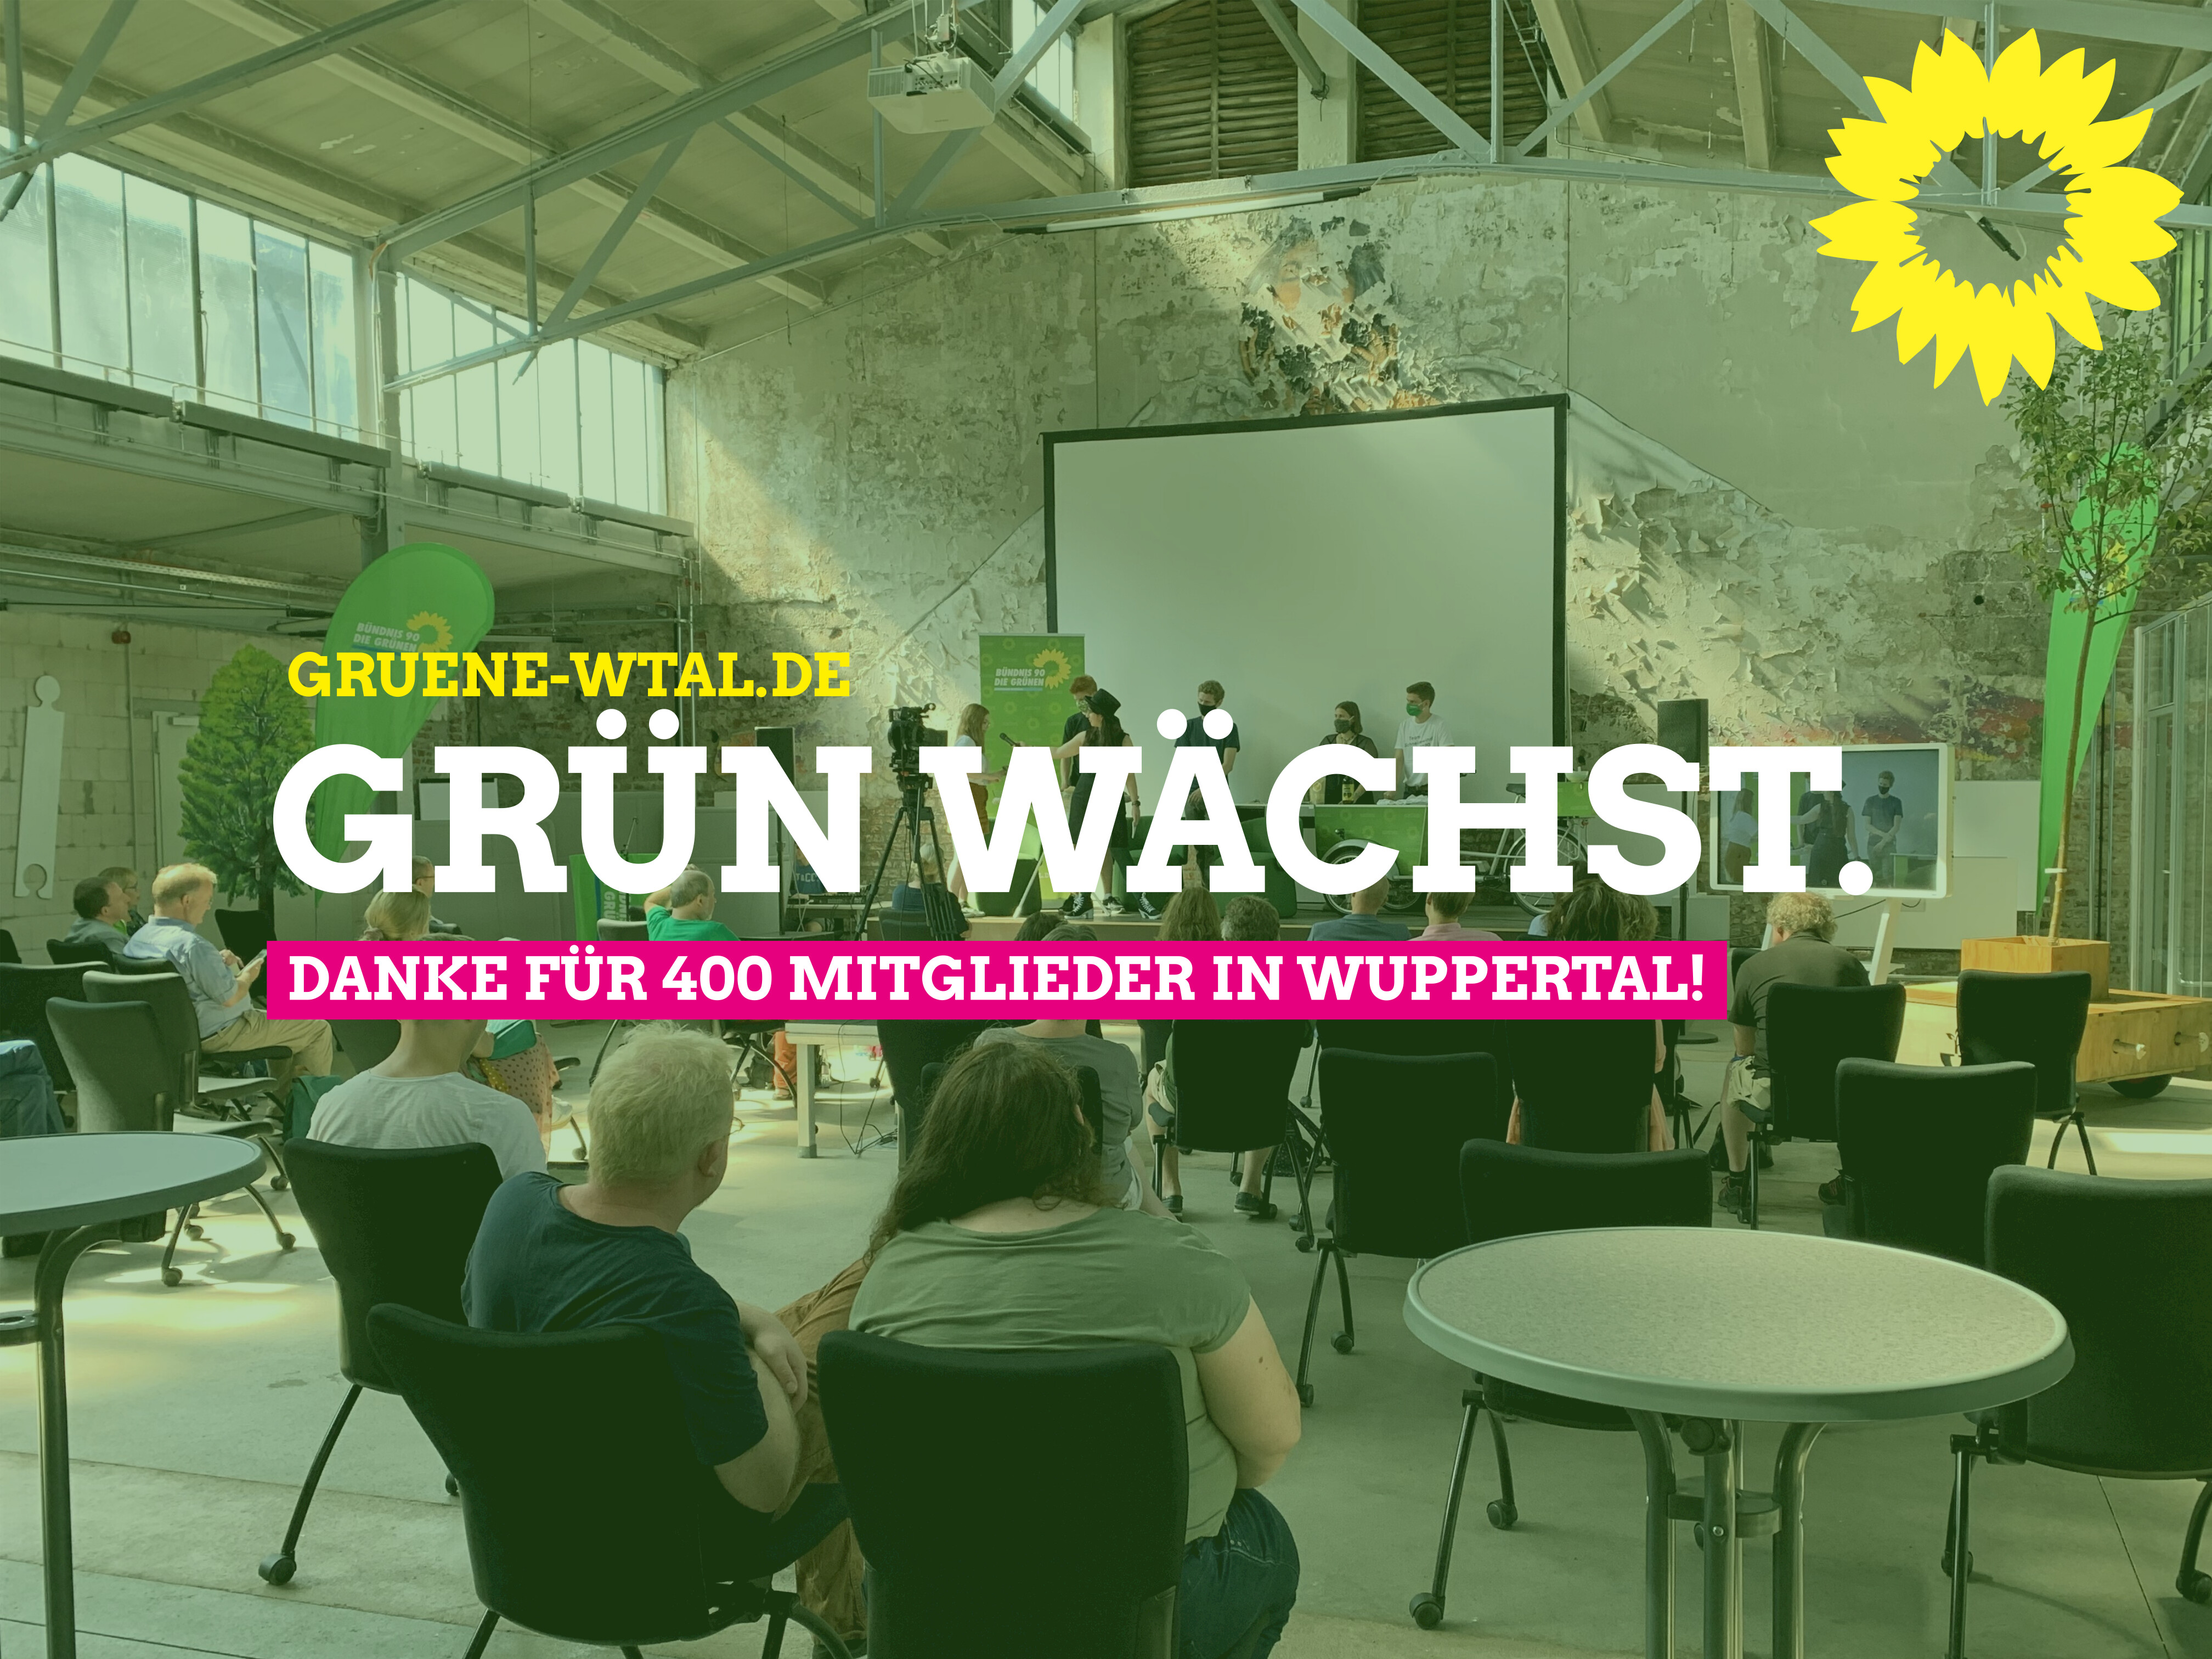 400 Mitglieder in Wuppertal!